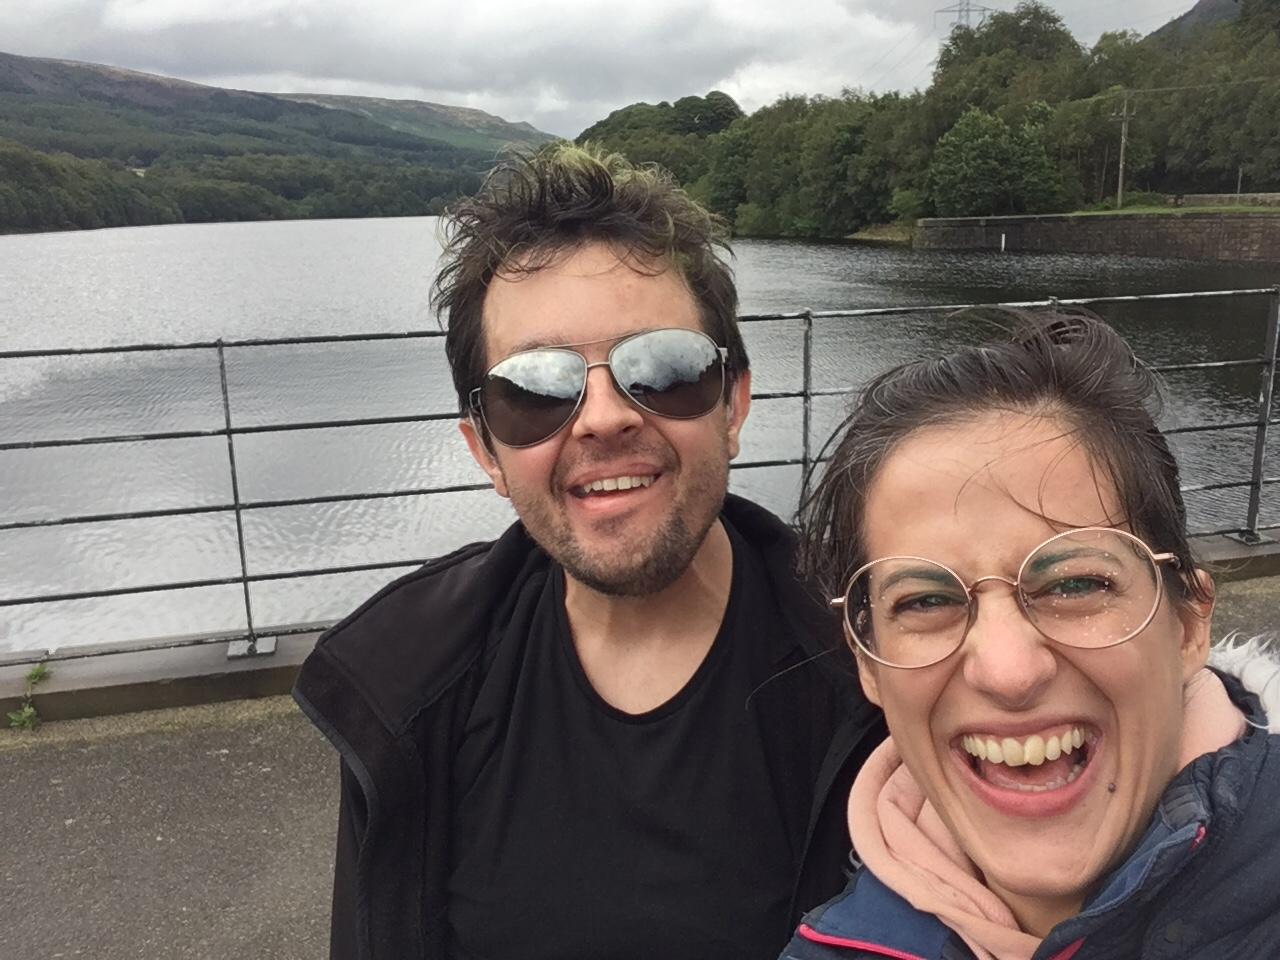 Eu e a Sofia na ponte entre os dois reservatórios. Eu a fazer cara de tan-tan e a Sofia a rir comó caraças.